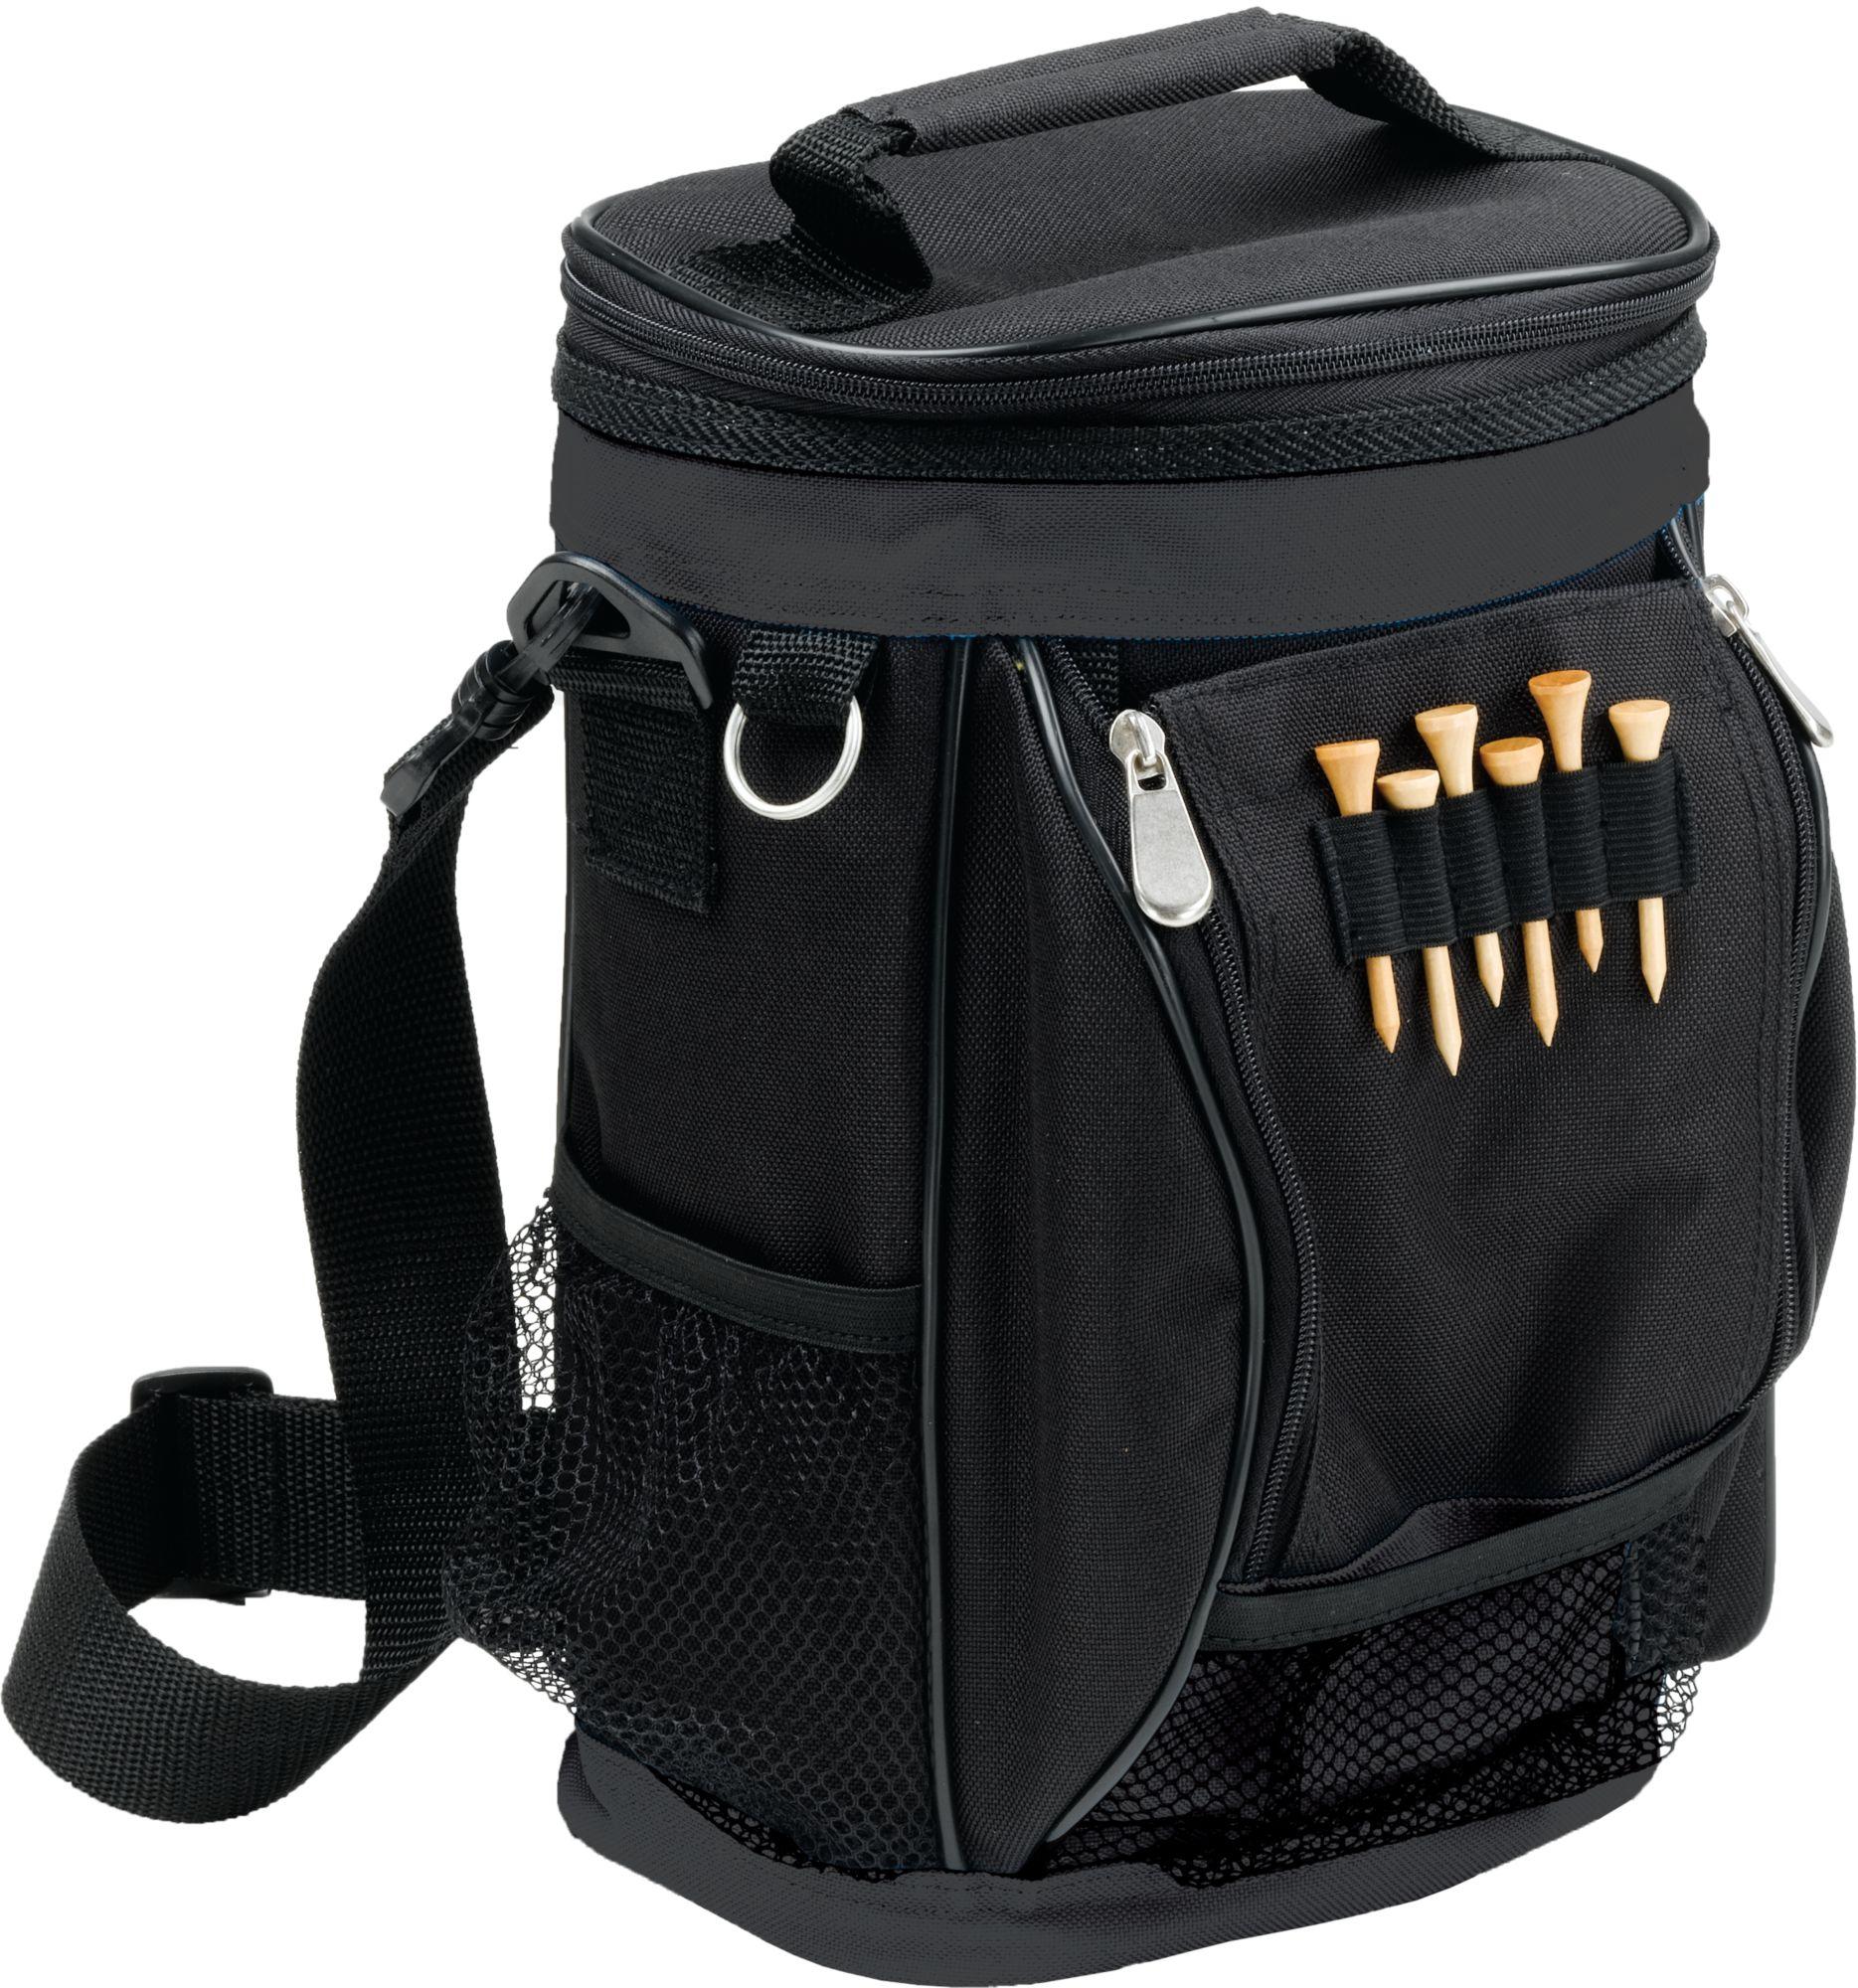 Golf Bag Cooler : Maxfli golf bag cooler galaxy